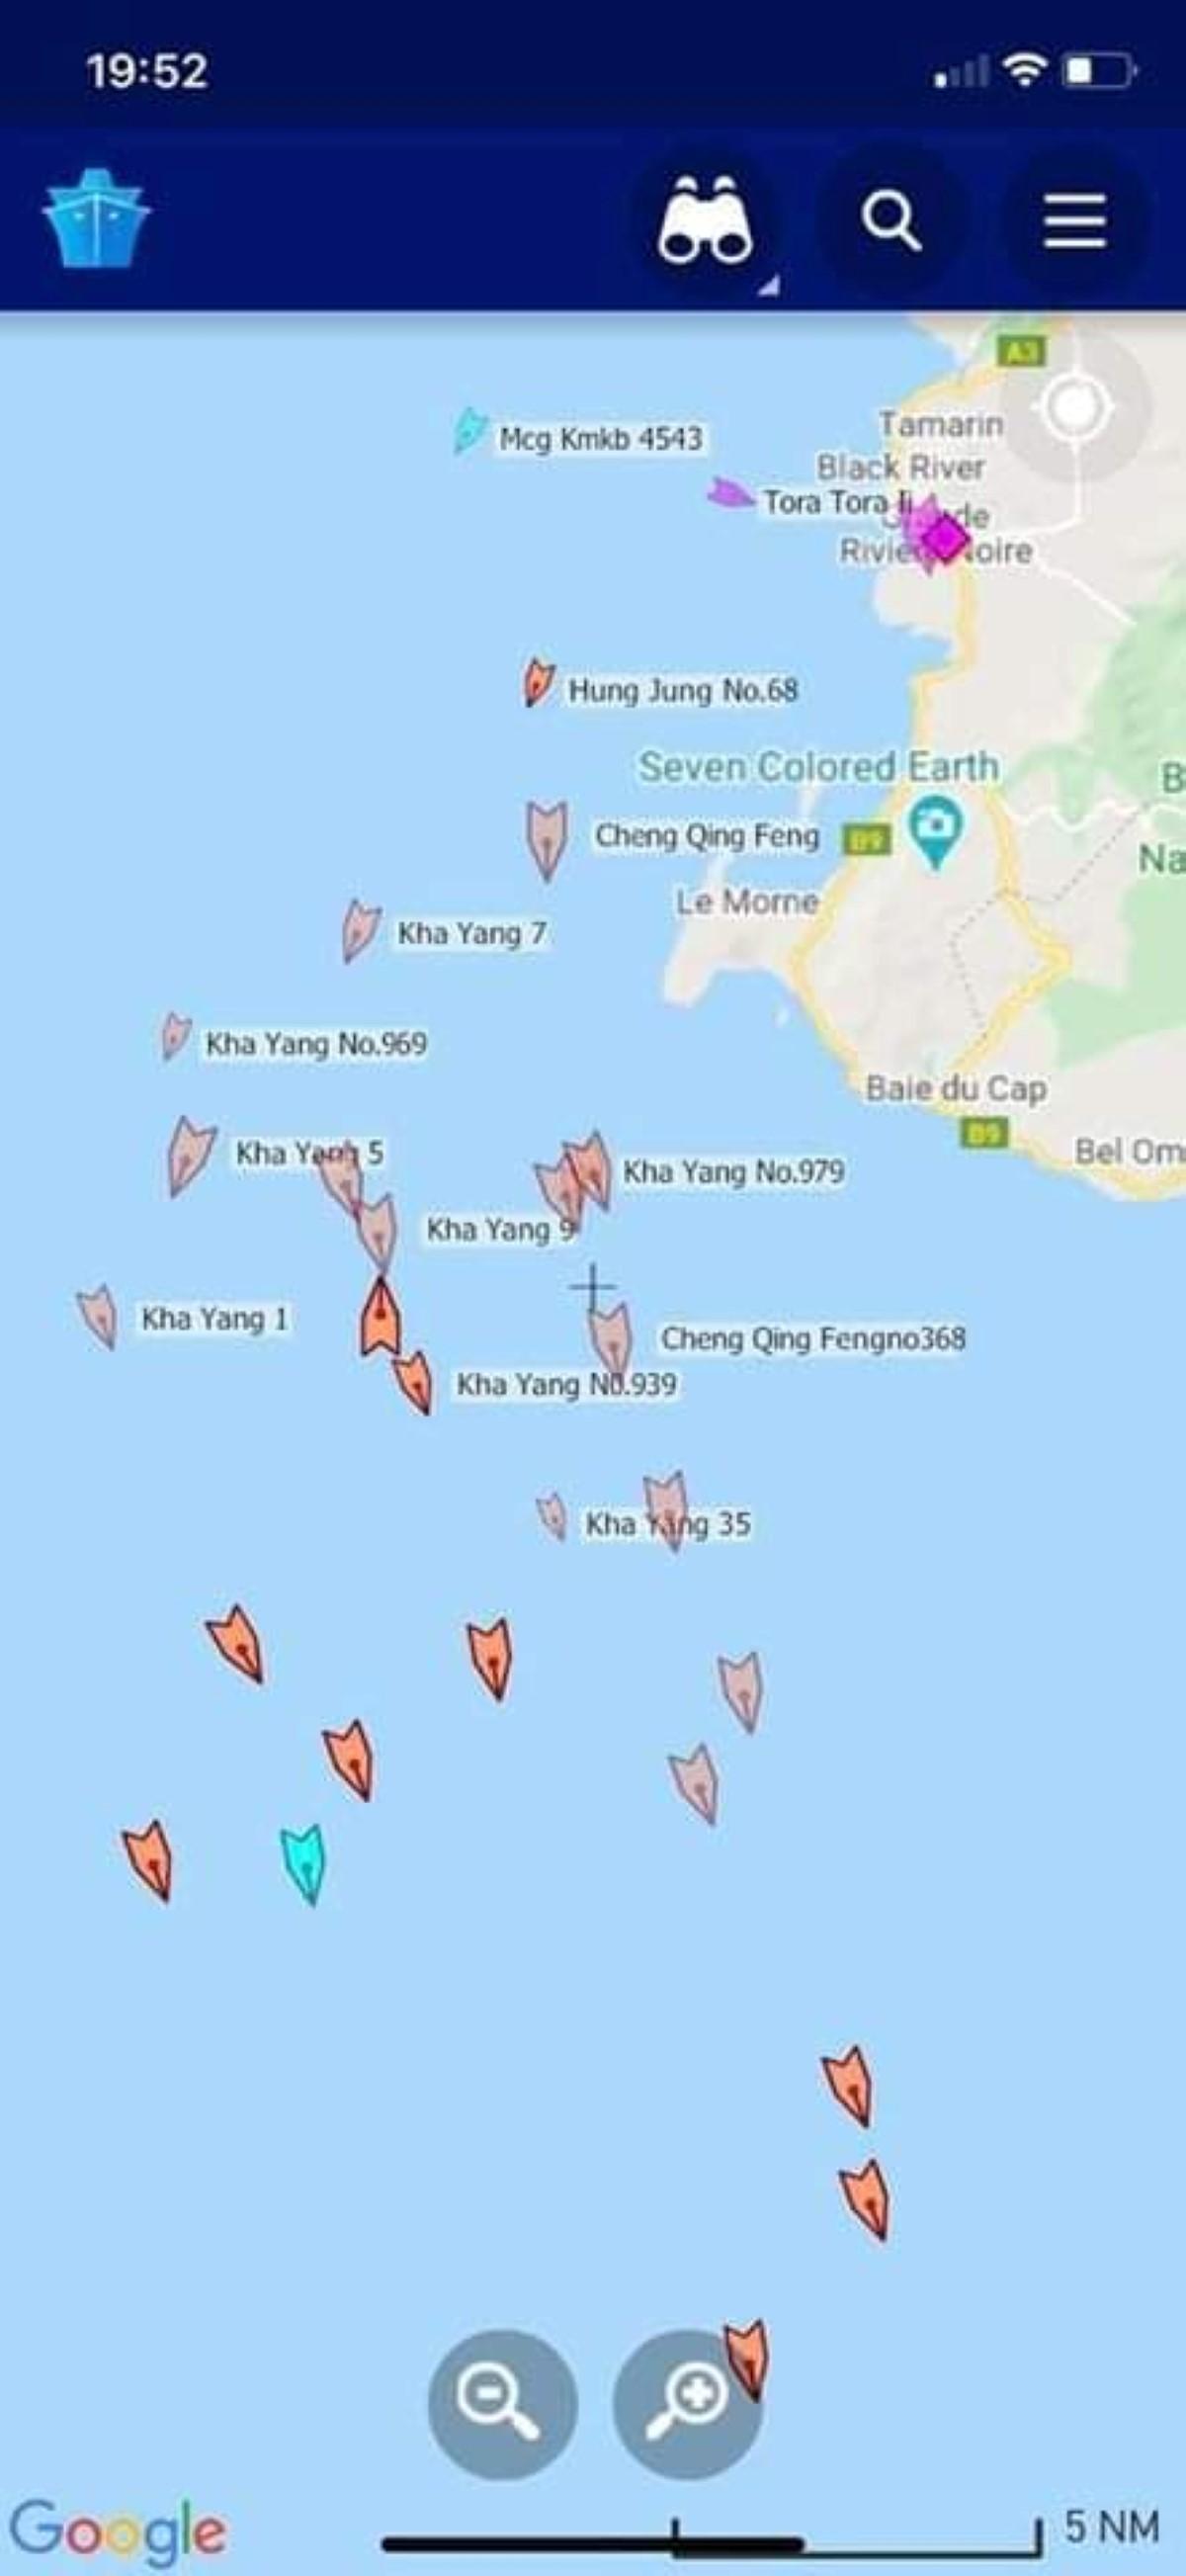 14 navires chinois dans les eaux mauriciennes : le ministère de la pêche affirme qu'ils étaient sous surveillance